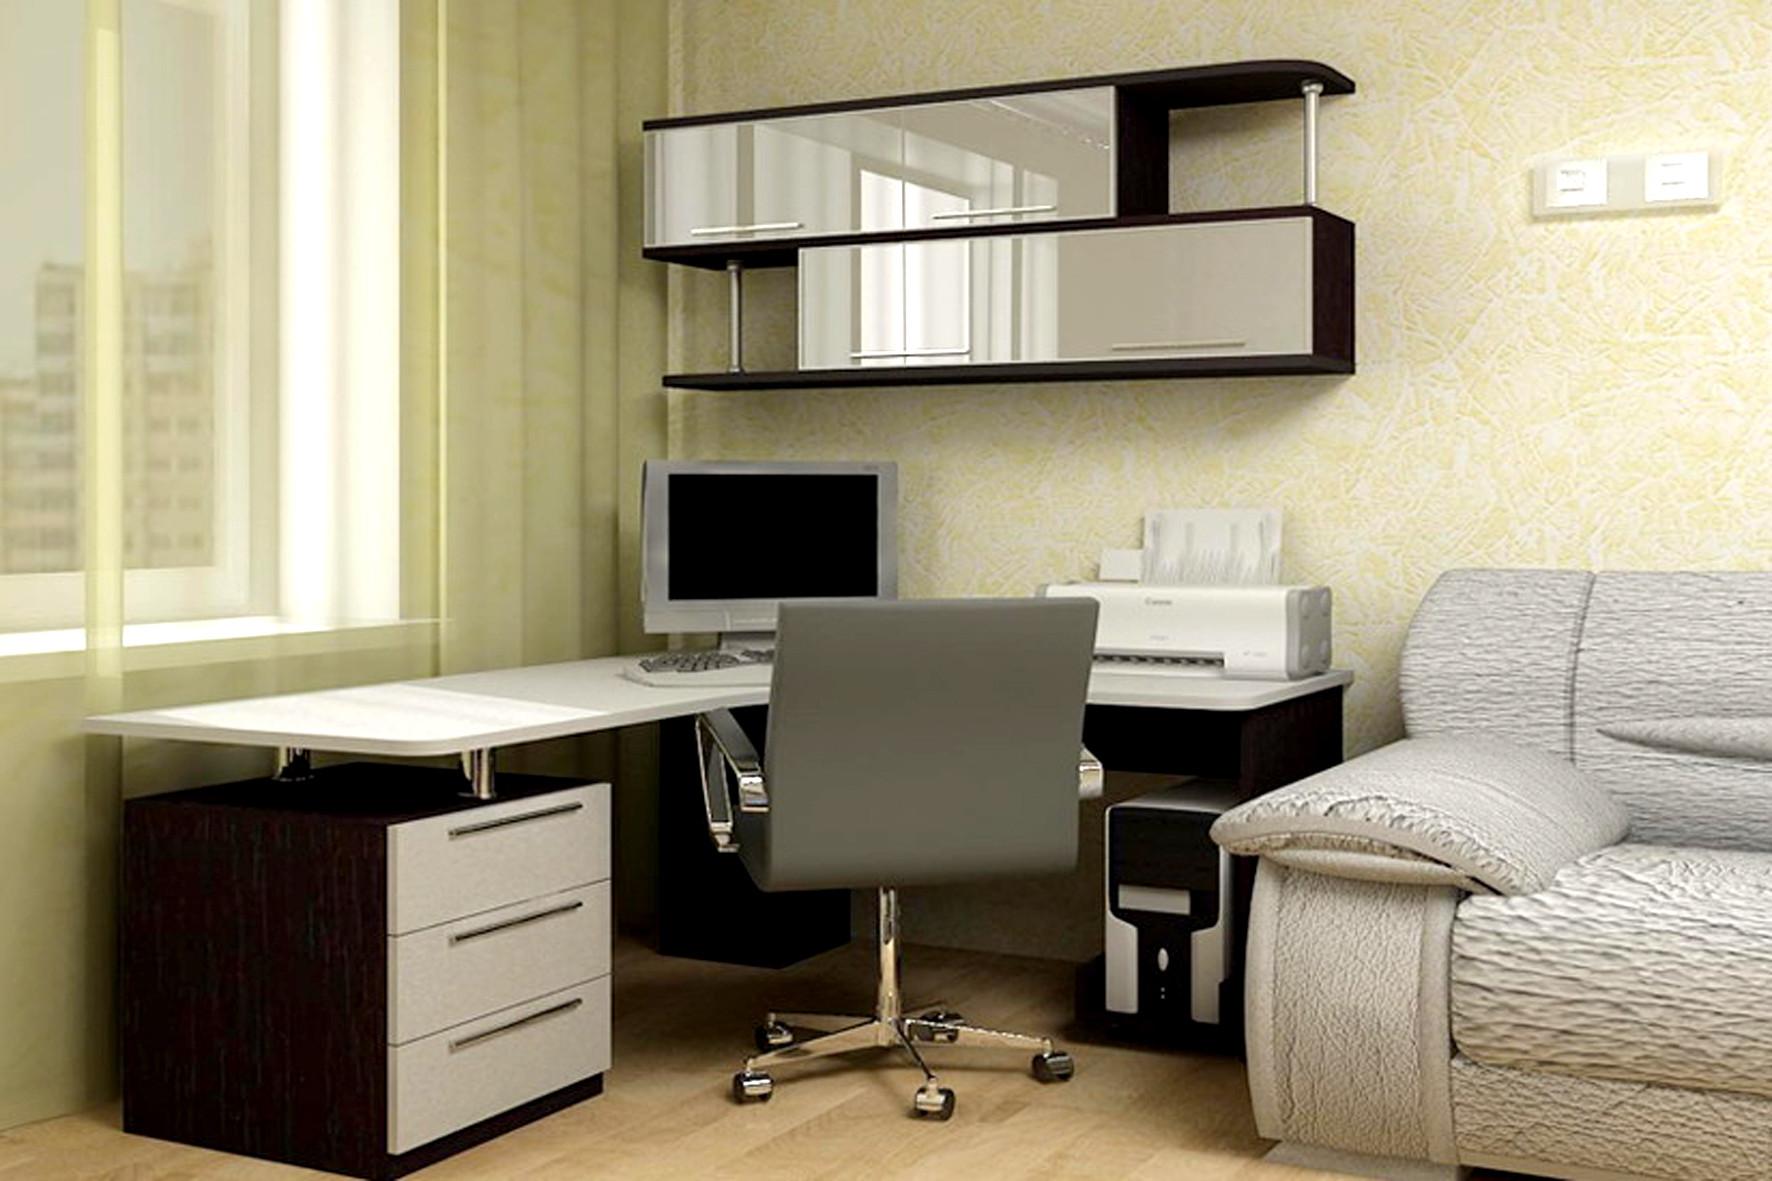 uglovye kompyuternye stoly 1